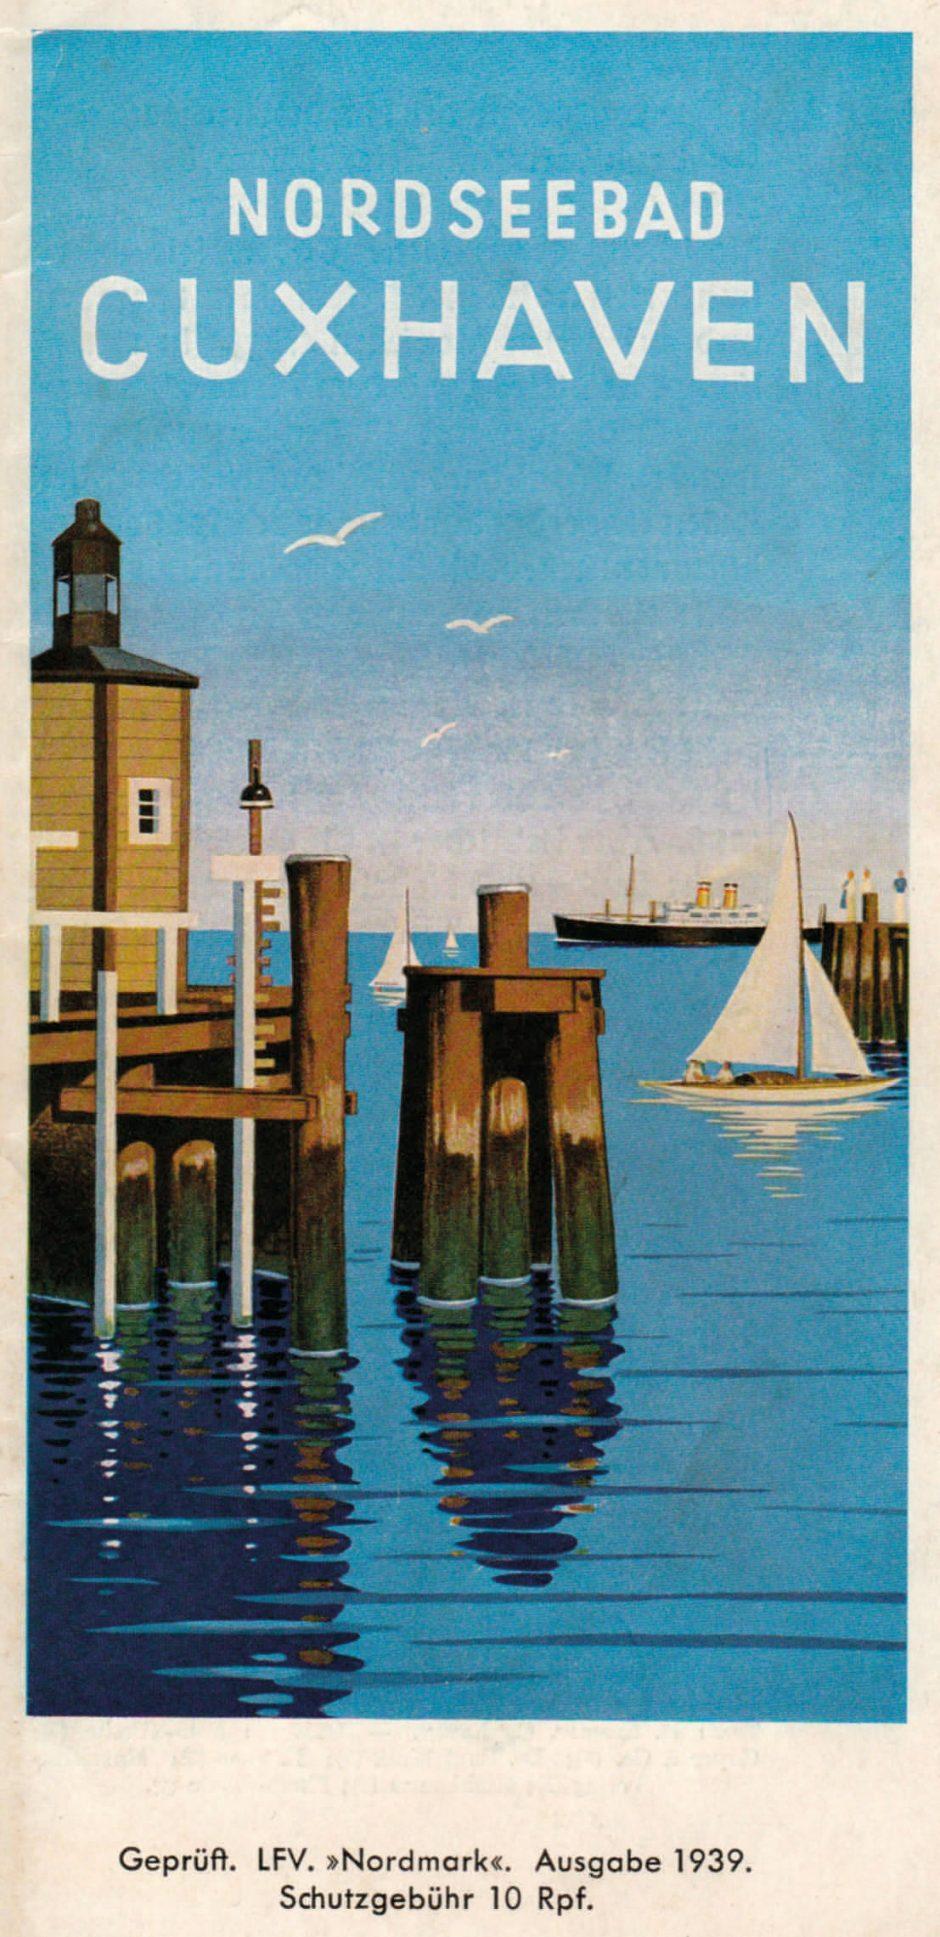 Badeführer aus dem Jahr 1939, erschienen in einer Auflage von 40 000 Stück. Das Motiv zeigt die Einfahrt zum »Alten Hafen«. Offsetdruck nach einem Aquarell von Erwin Staub, Hamburg